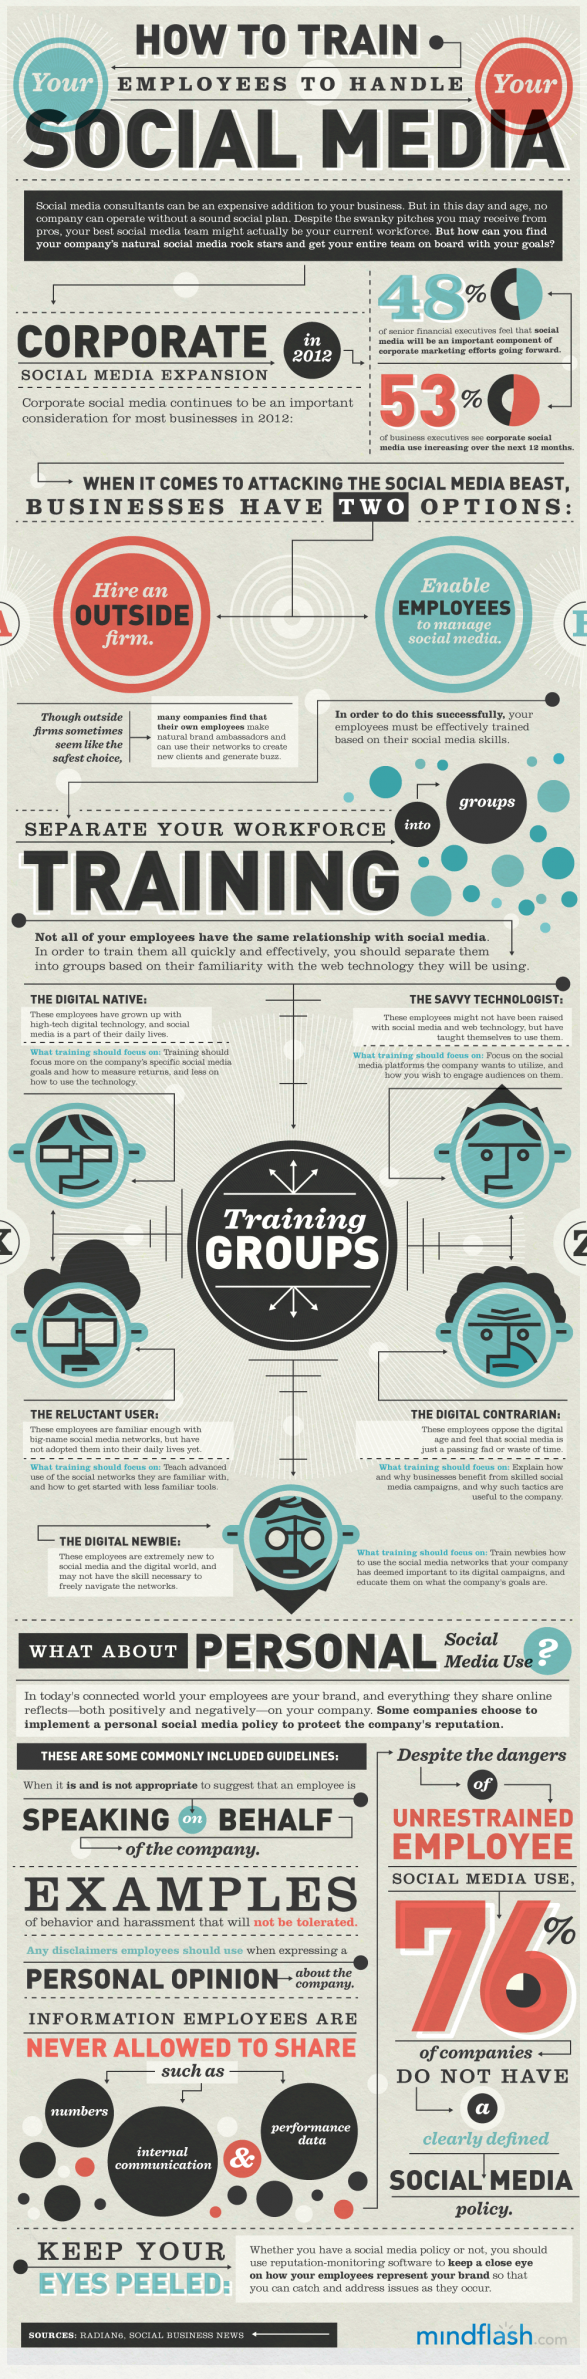 Cómo entrenar empleados en Social Media